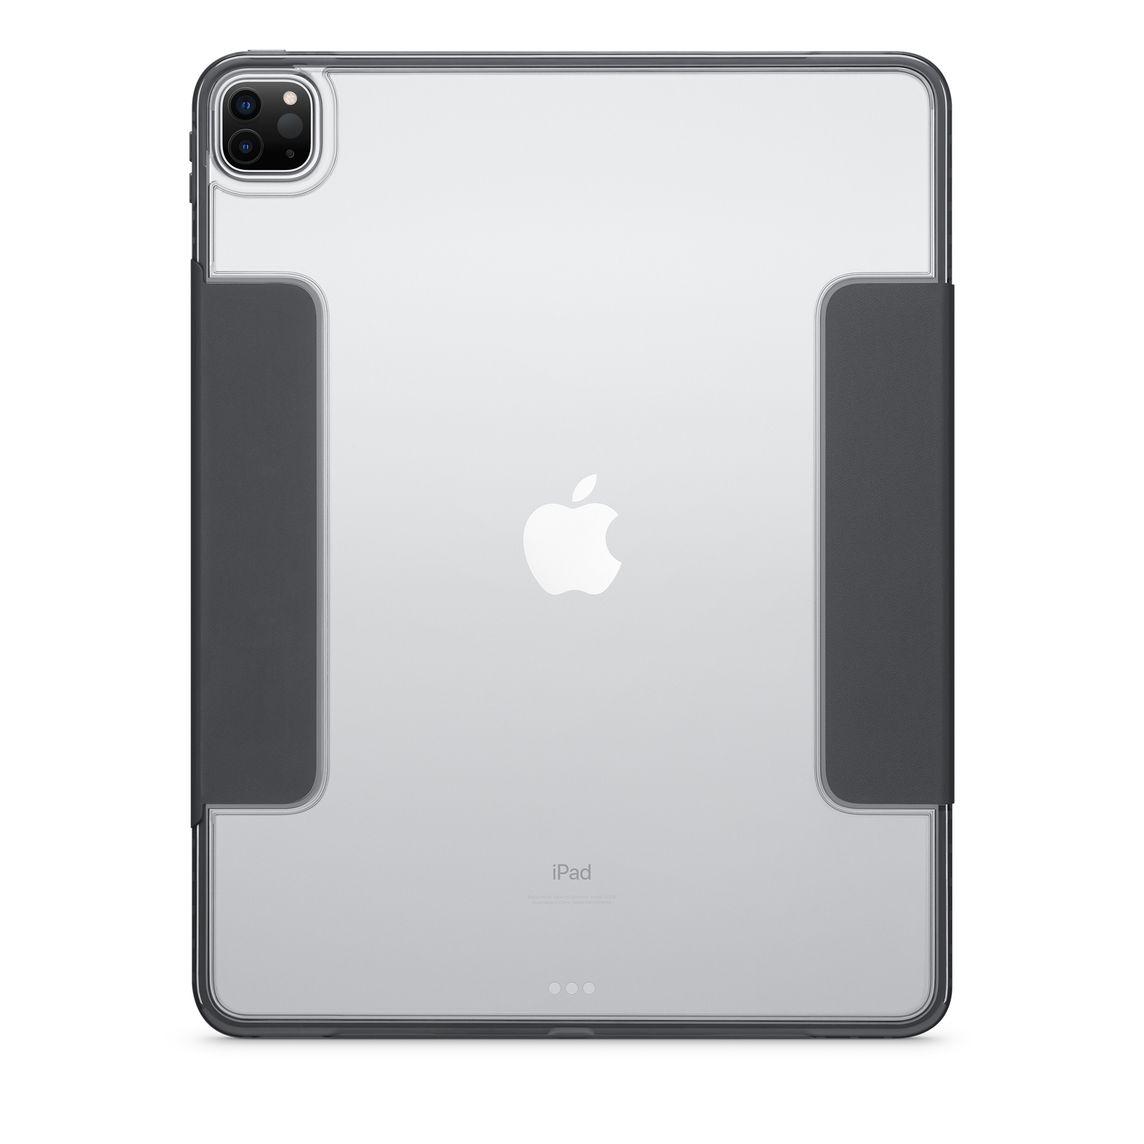 5 世代 第 ipad 第5世代「iPad Pro」深掘りレビュー。ミニLEDの搭載は成功か?